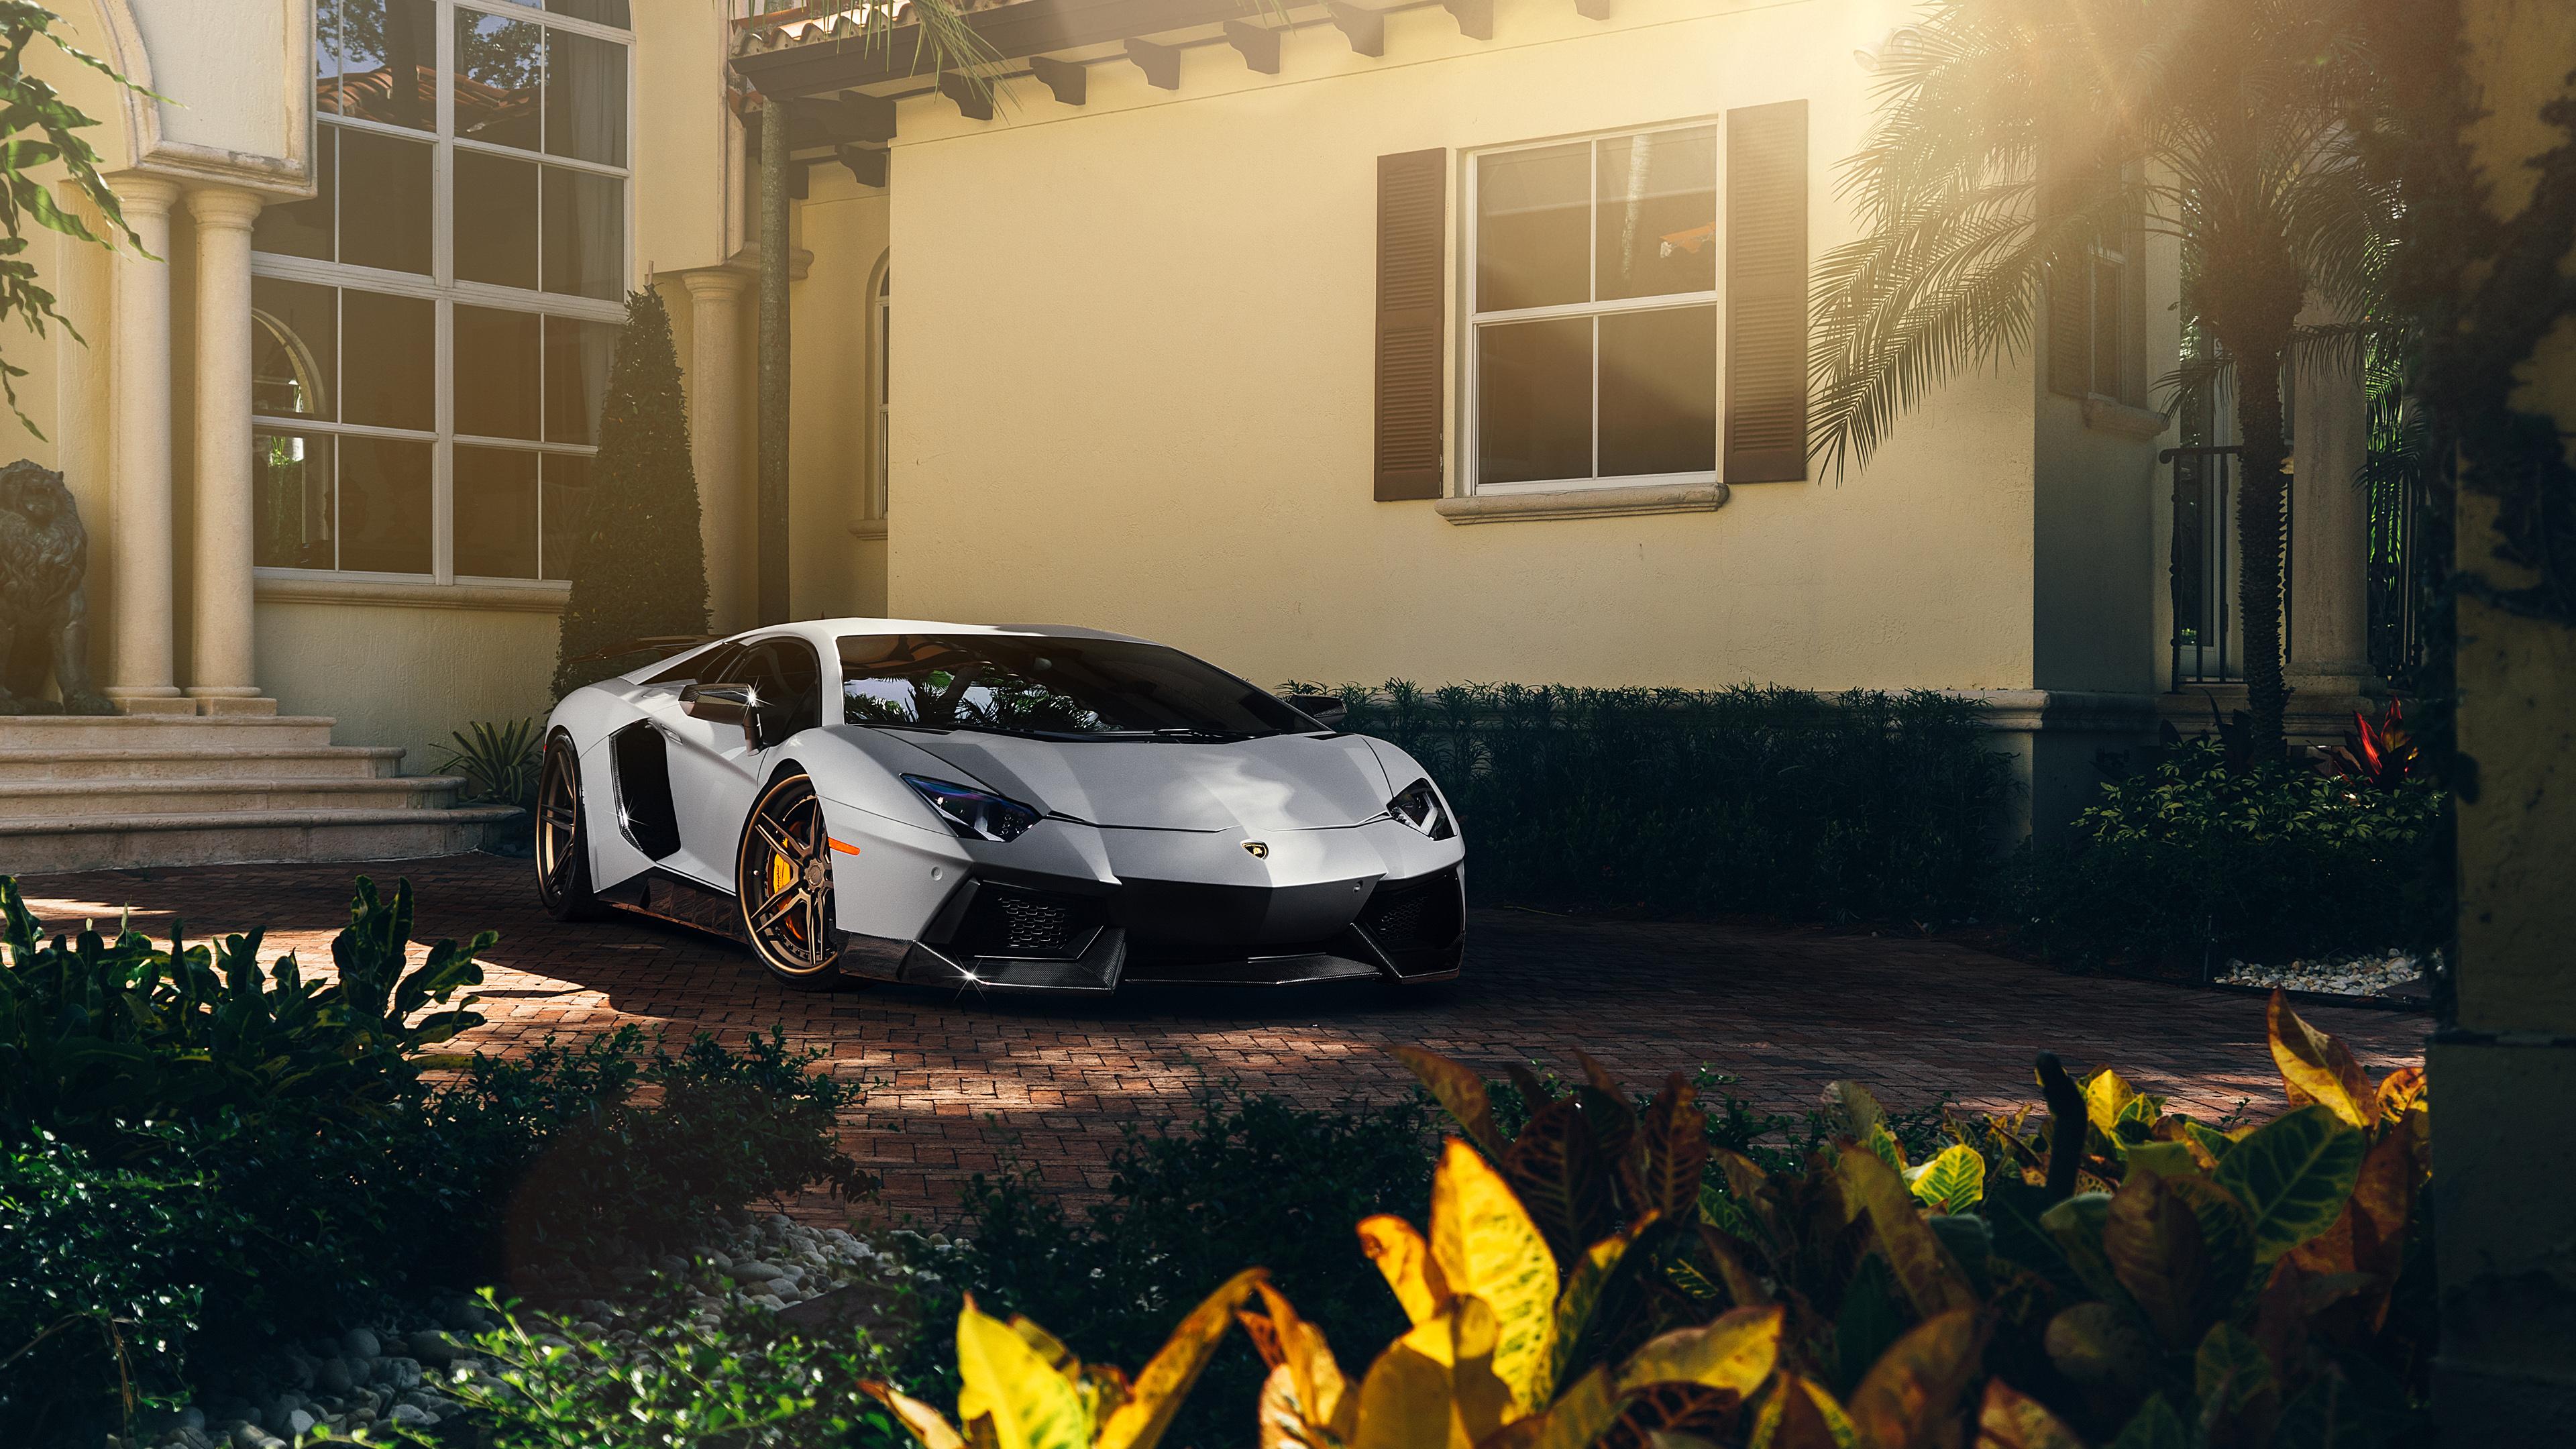 Adv1 Aventador Lamborghini Miami Wallpapers: ADV1 Matte Lamborghini Aventador Wallpaper